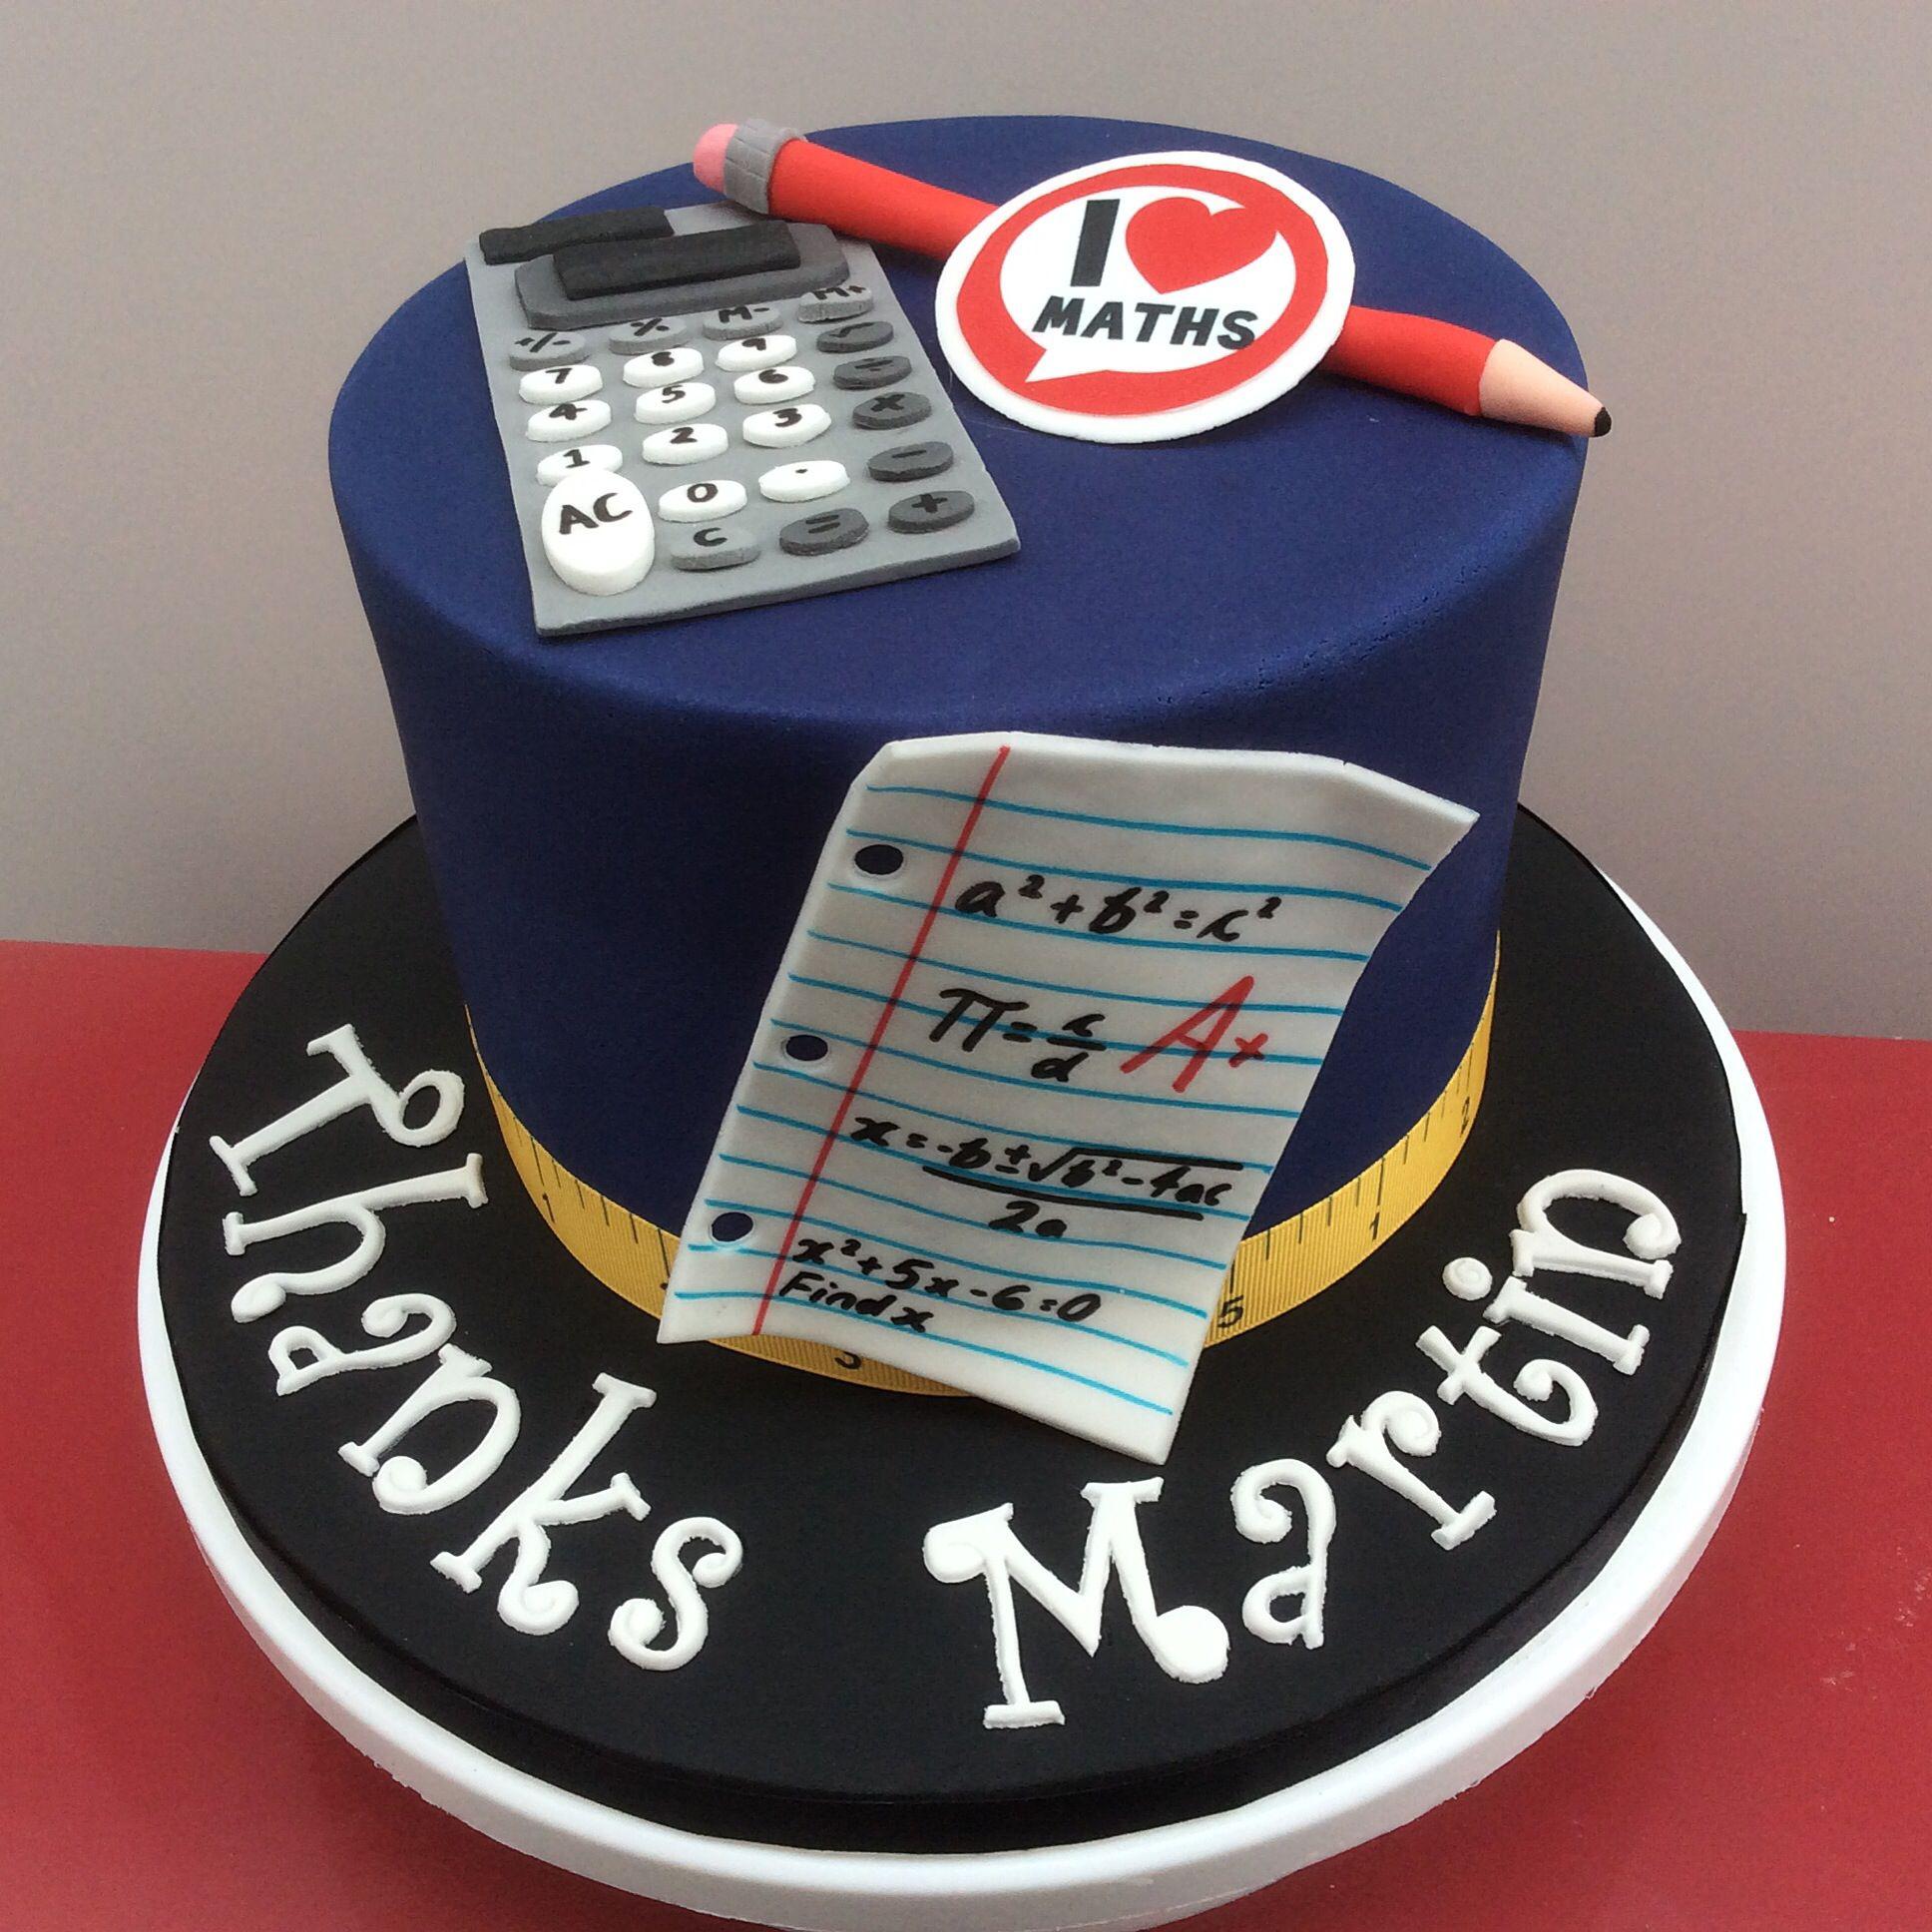 Maths Teacher Thank You Cake